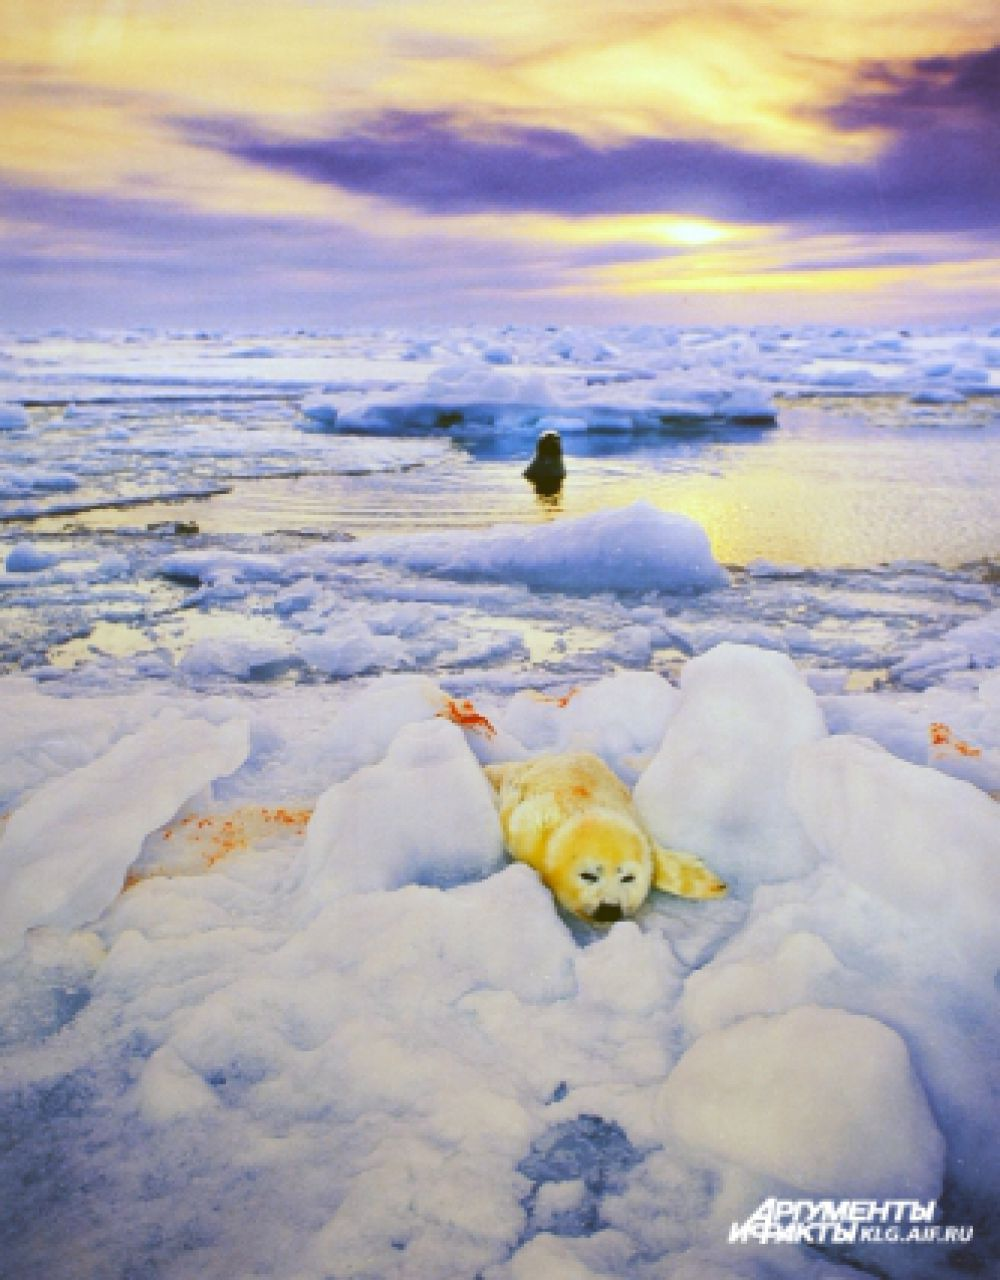 Гренландская тюлениха-мать бдительно следит за своим родившимся час назад детенышем, лежащем на запачканном последом льду. Этот снимок Скерри сделал в Канаде в 2002 году.